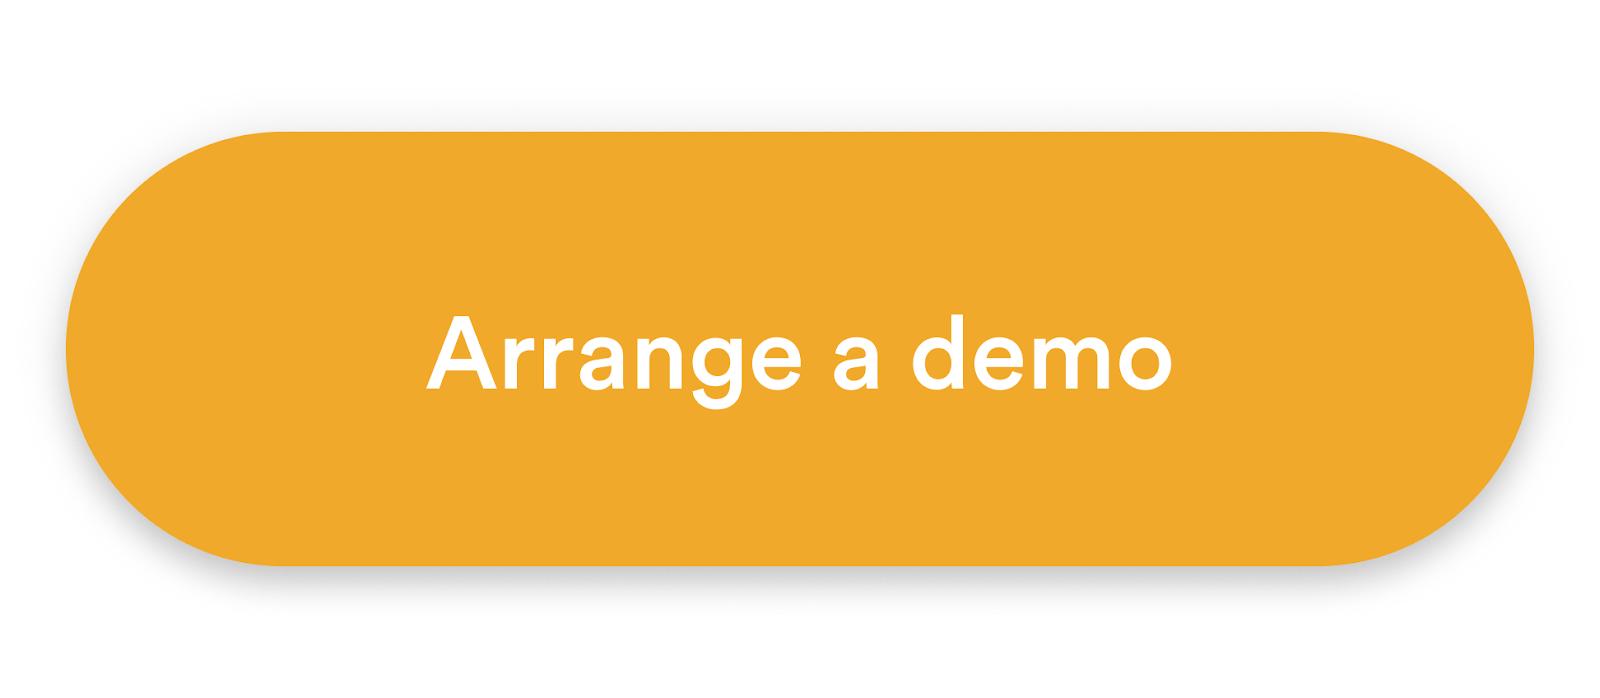 Arrange a demo button